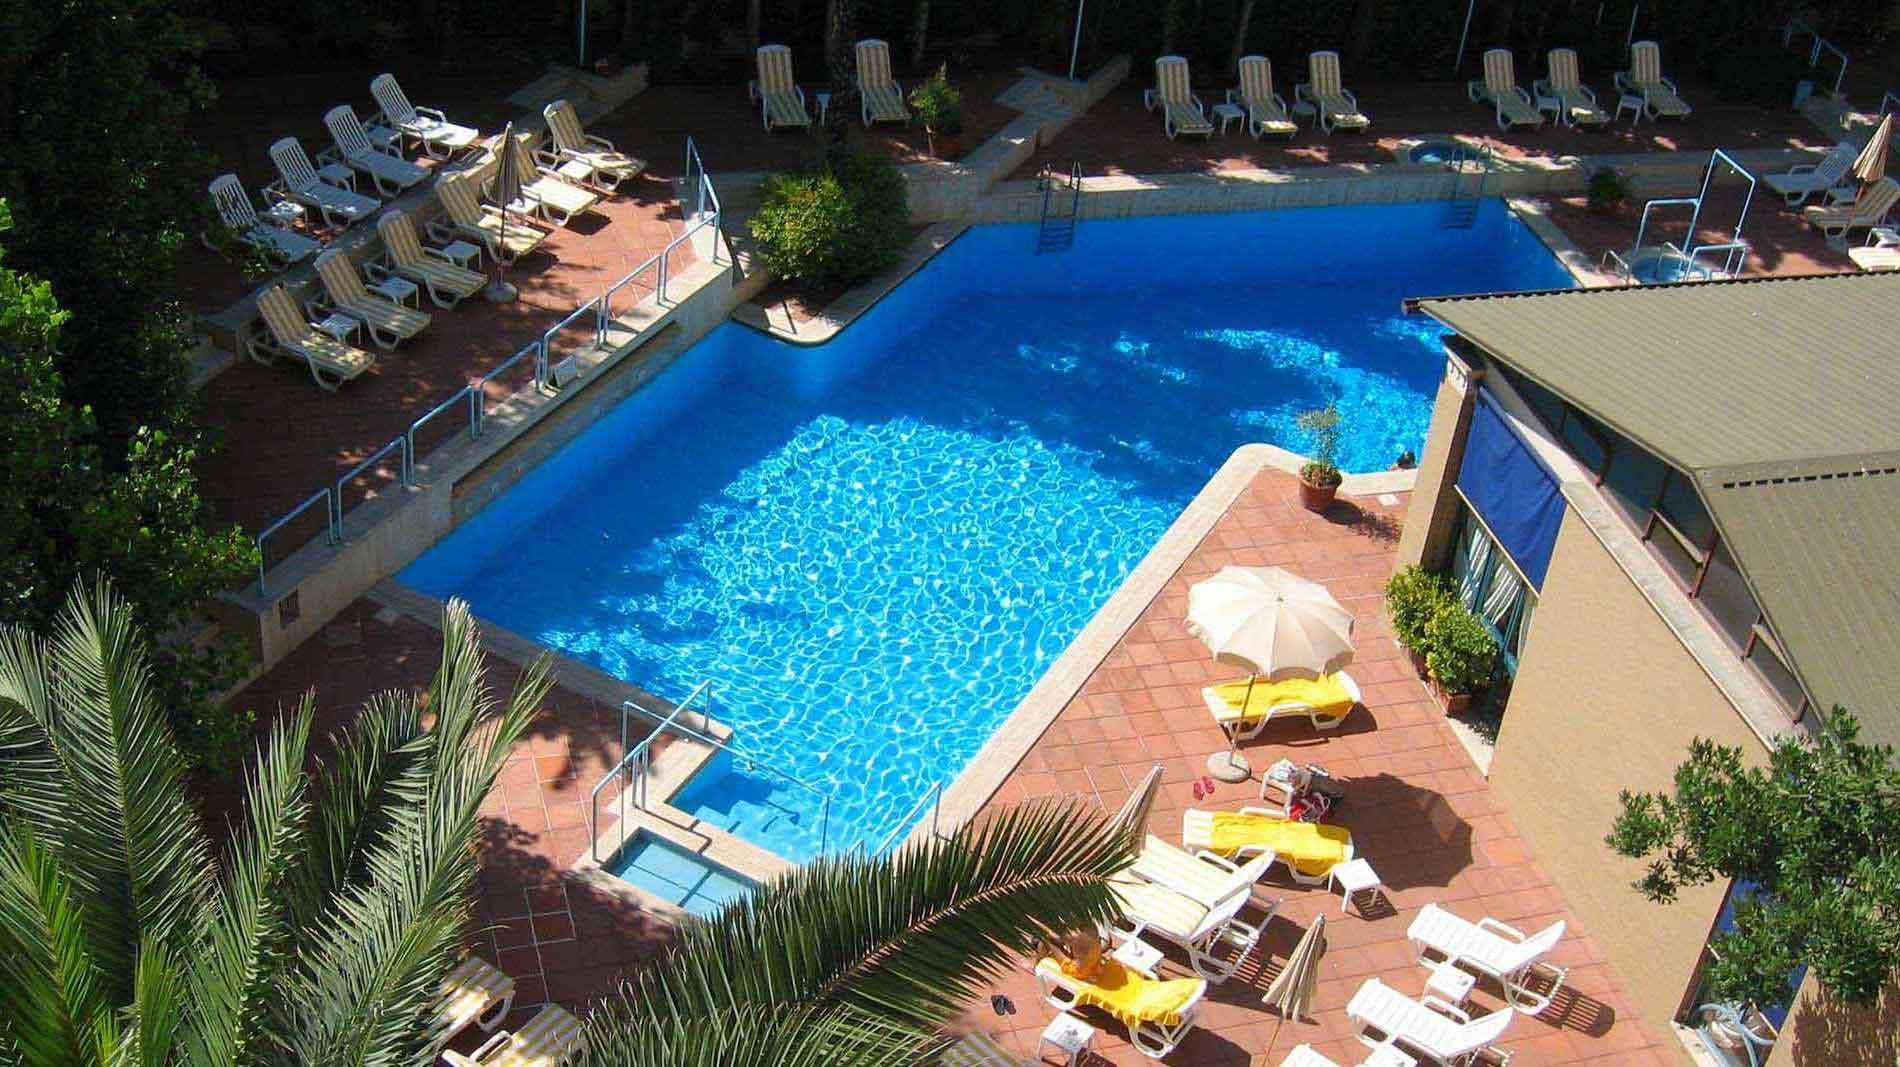 Hôtel Avec Piscine Rome avec Hotel Rome Avec Piscine